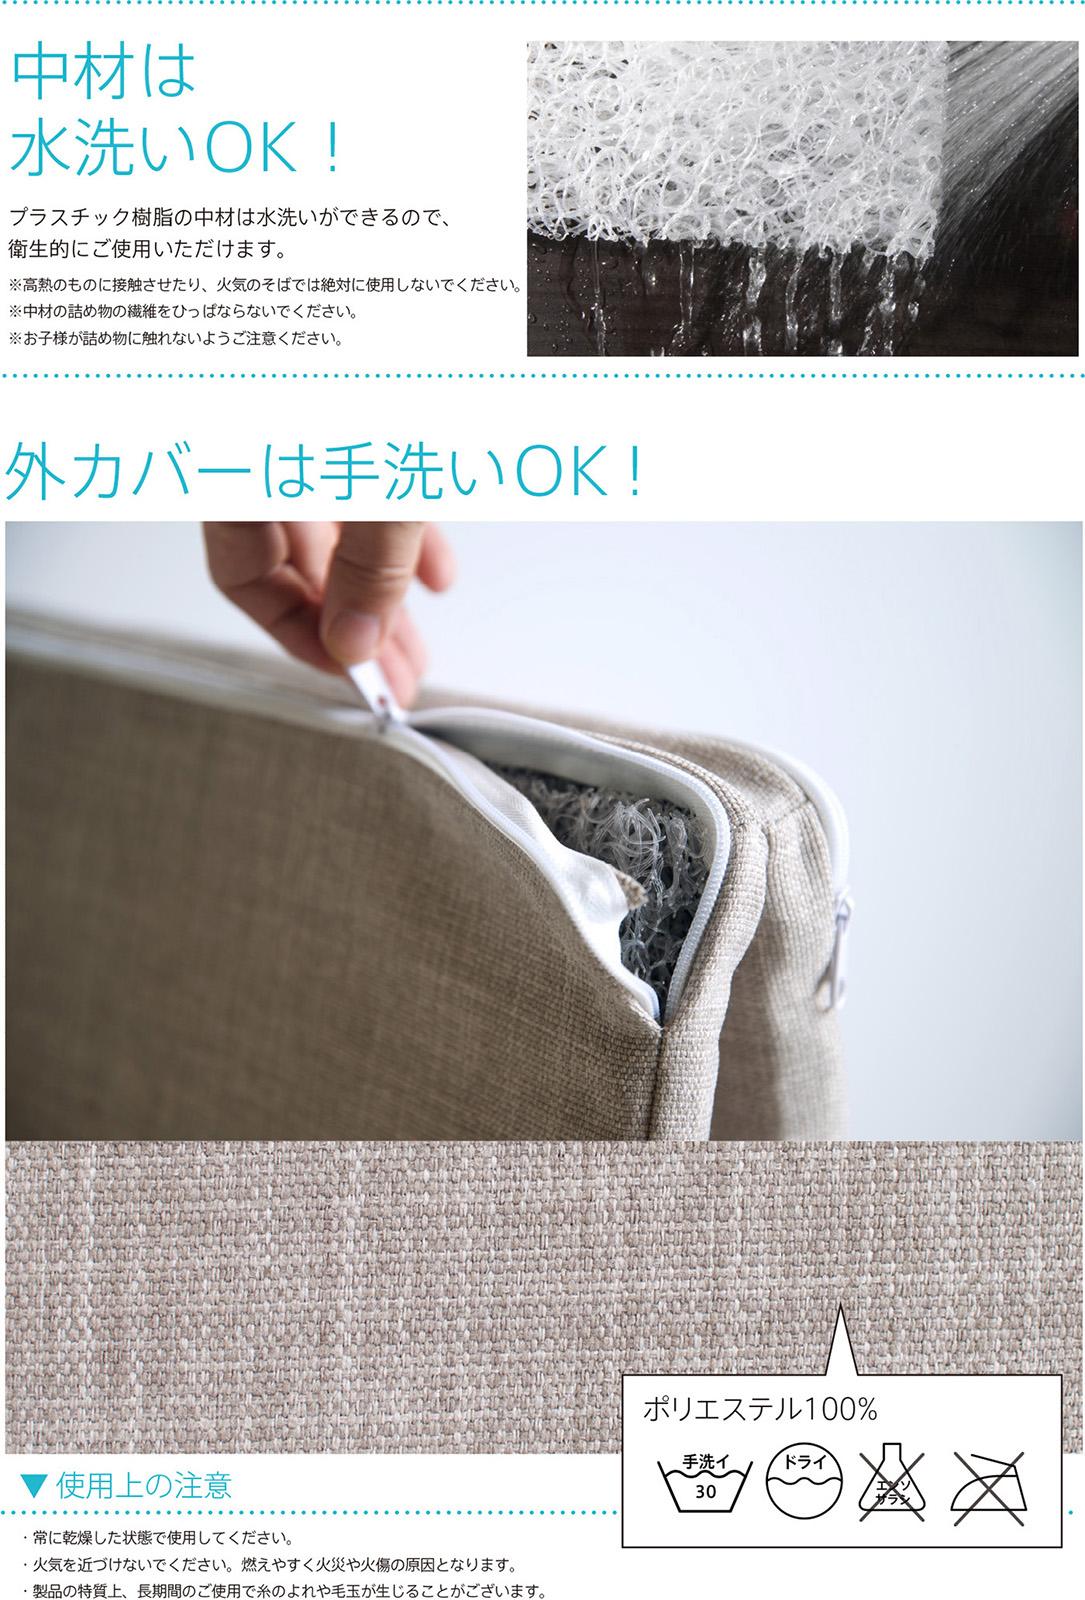 「おひるね 2つ折り高反発マットレス【S】(900×600×30)エアクール」